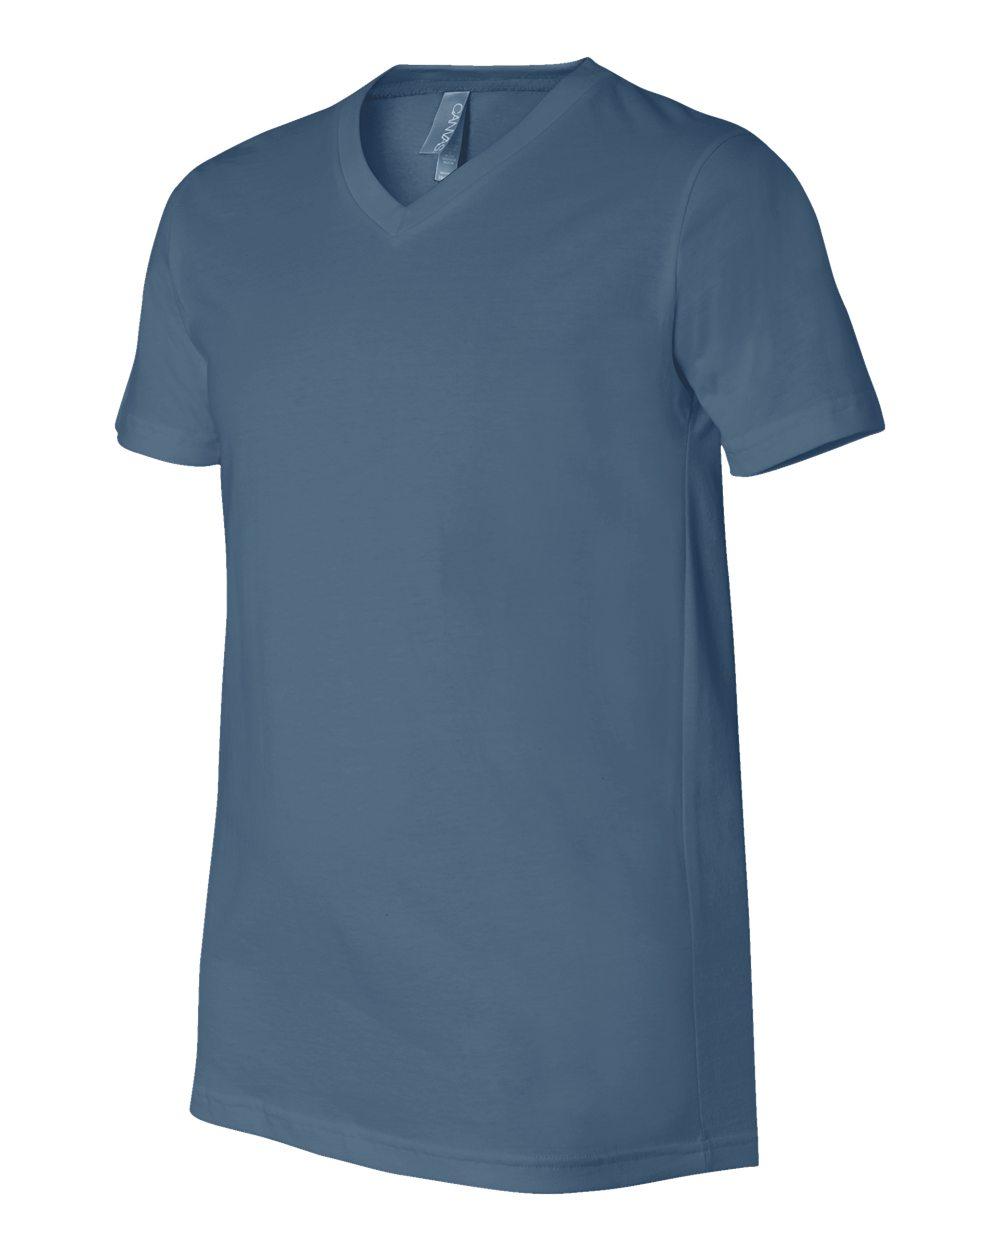 Bella-Canvas-Men-039-s-Jersey-Short-Sleeve-V-Neck-T-Shirt-3005-XS-3XL thumbnail 18